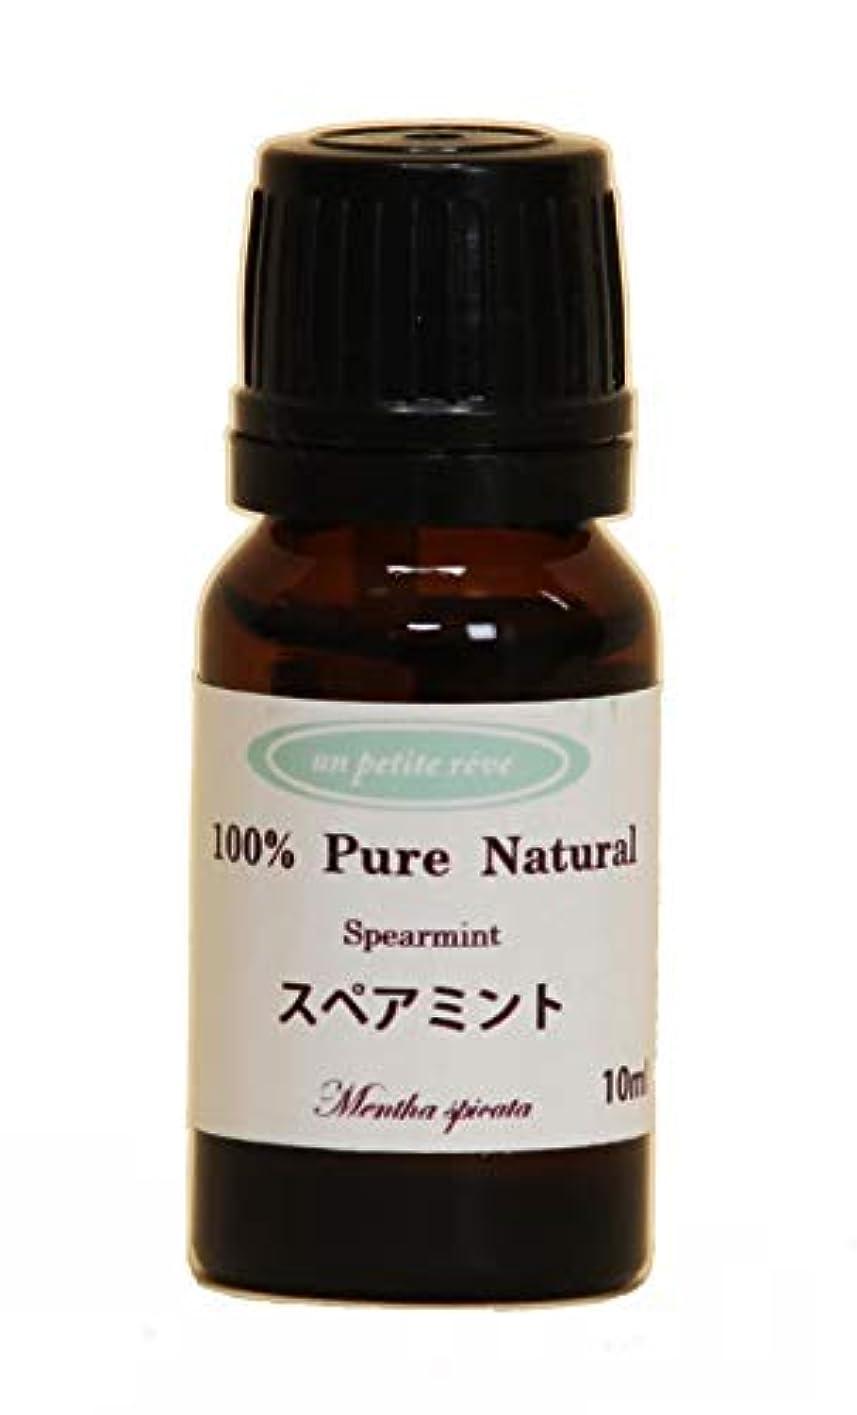 クライストチャーチマーキング遺伝的スペアミント 10ml 100%天然アロマエッセンシャルオイル(精油)